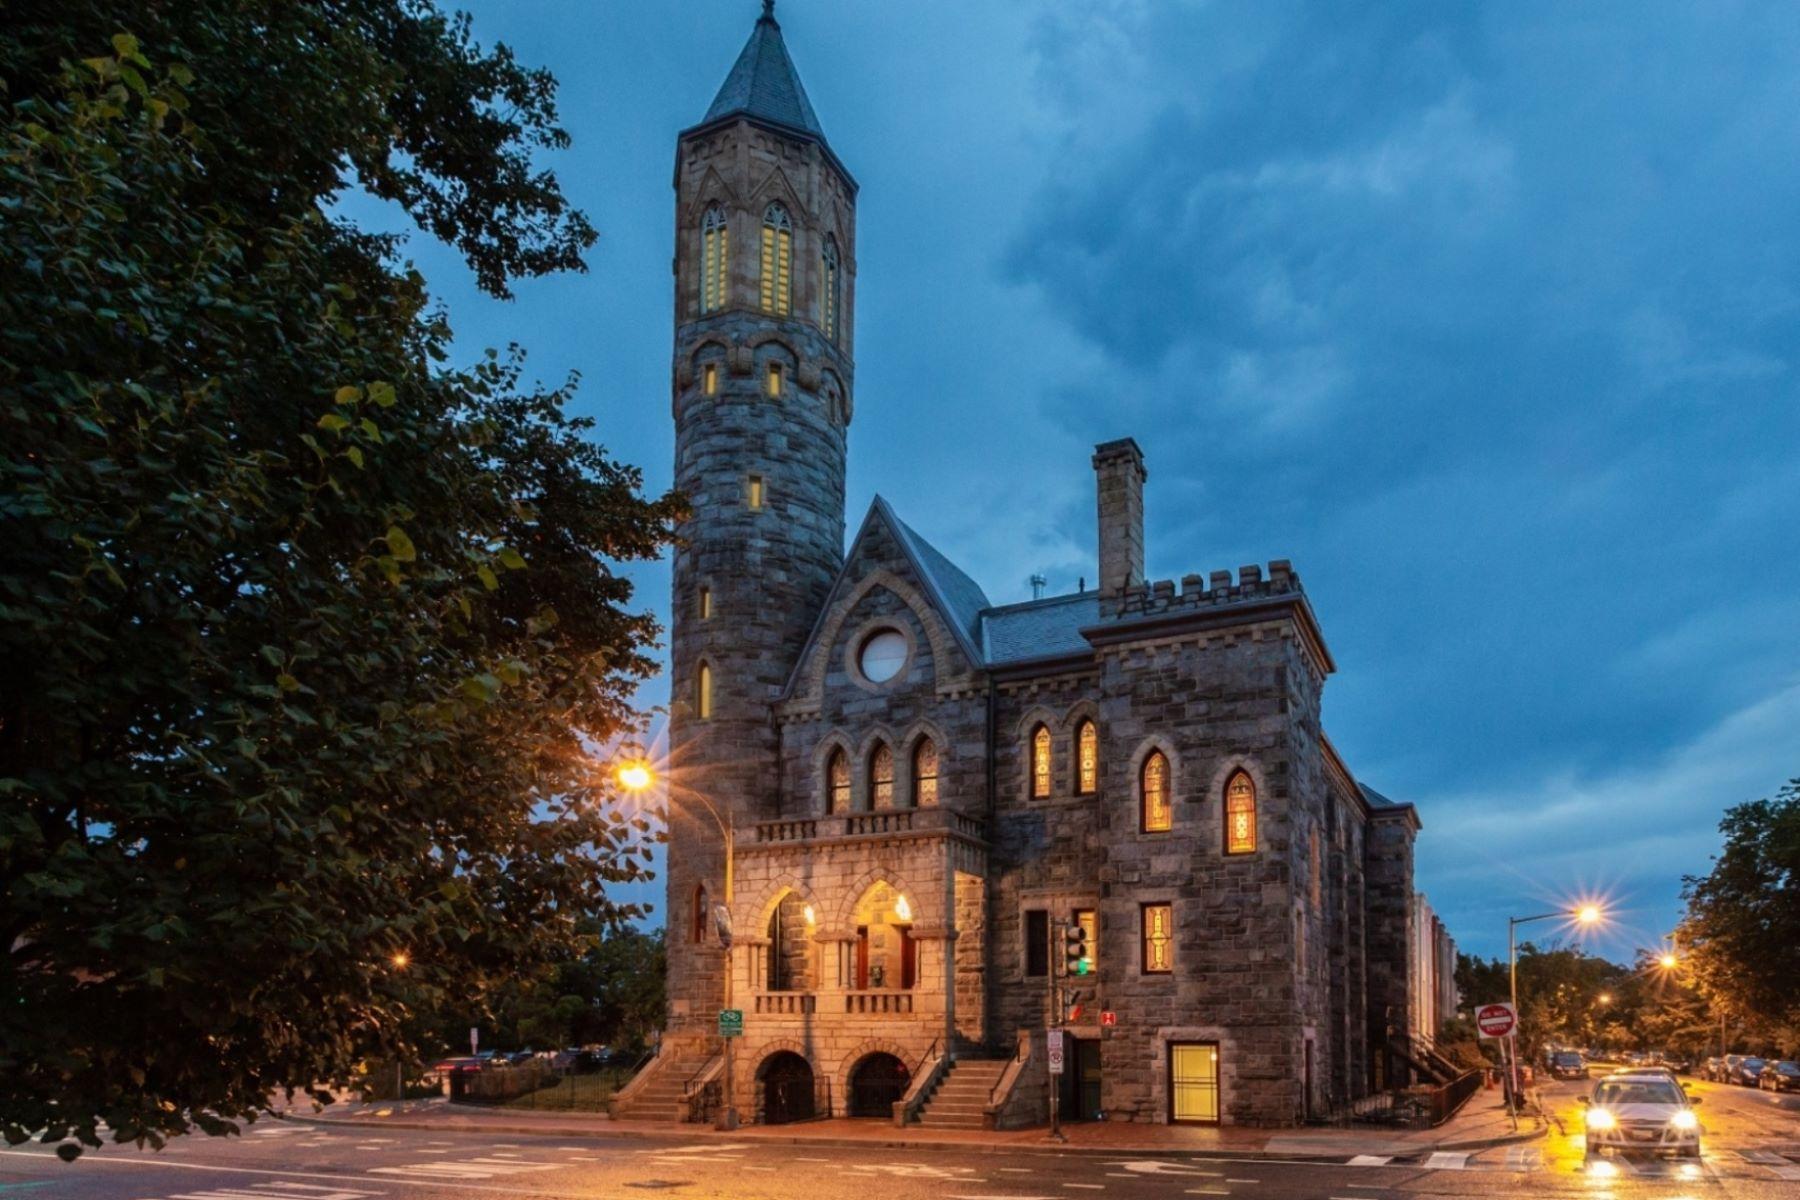 Condominium for Sale at 609 Maryland Ave NE #4 609 Maryland Ave NE #4 Washington, District Of Columbia 20002 United States